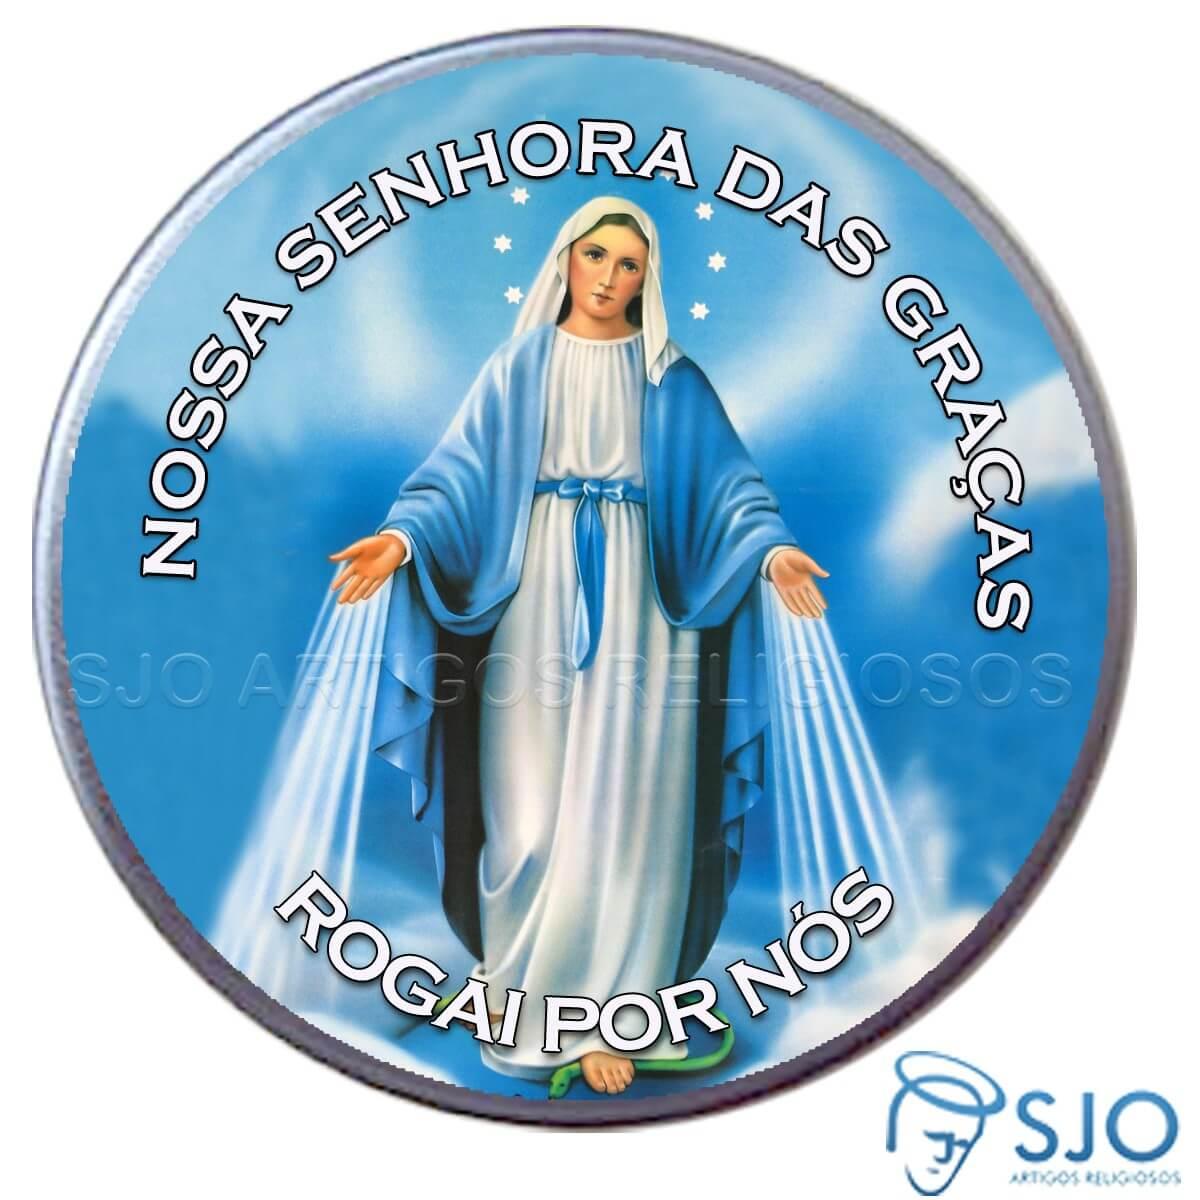 Fotos de santos religiosos catolicos 53